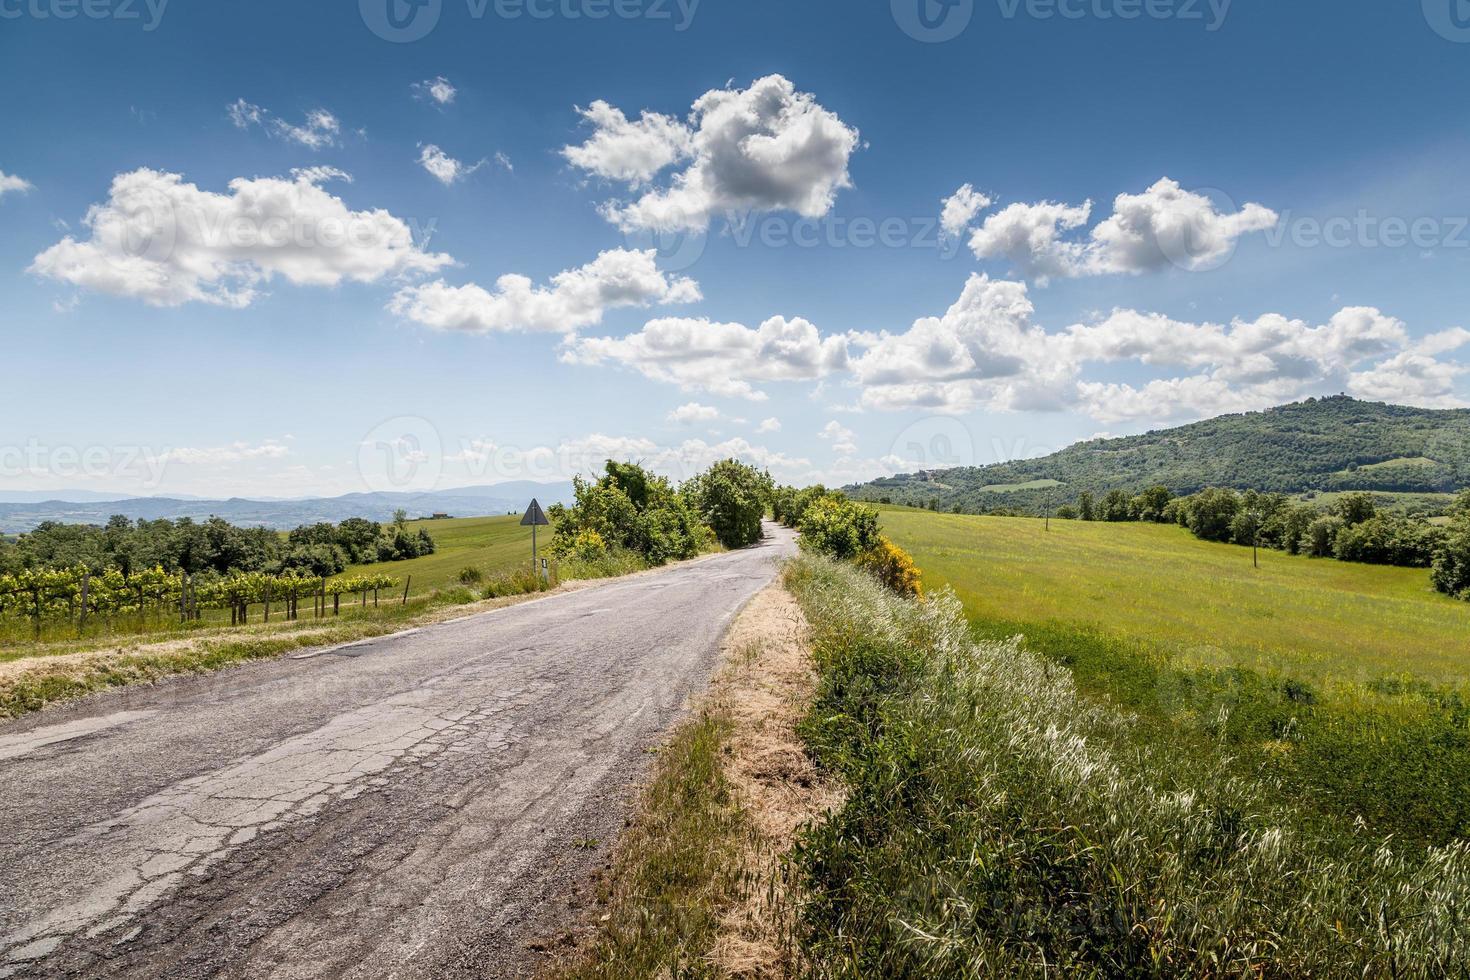 vista panorámica. montañoso en Toscana, Italia foto